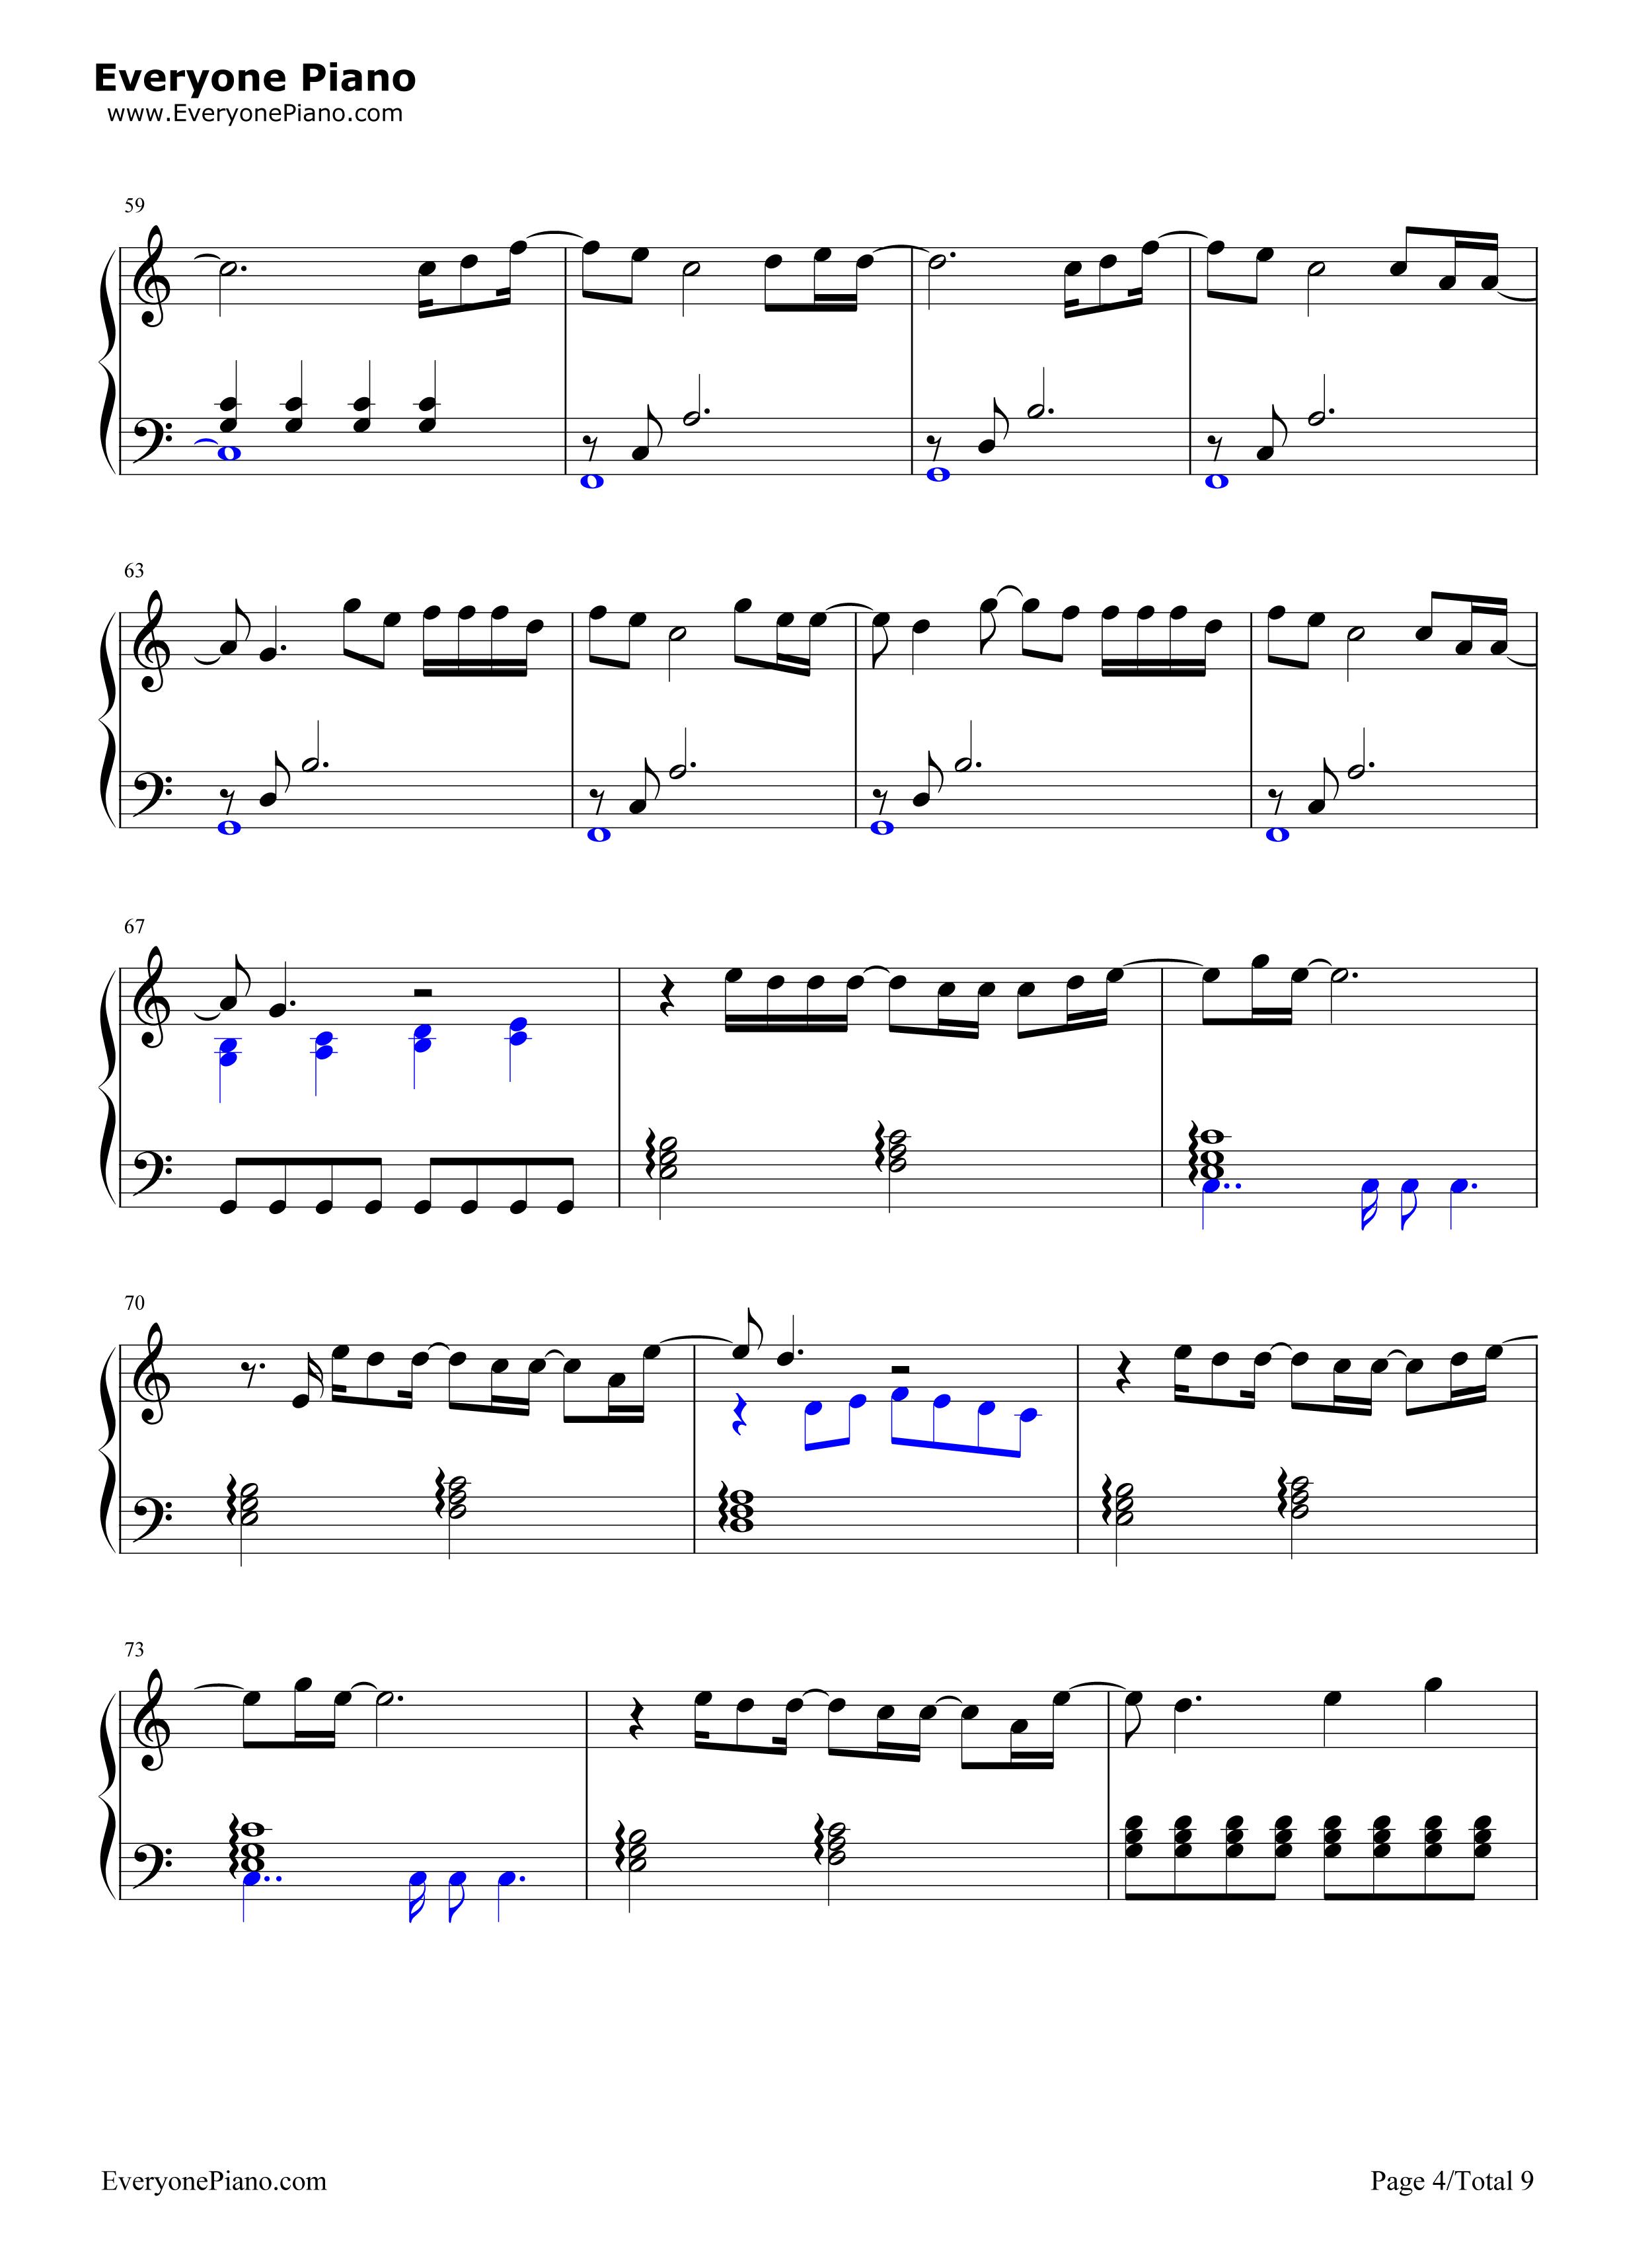 November Rain-Guns Nu0026#39; Roses Stave Preview 4-Free Piano Sheet Music u0026 Piano Chords